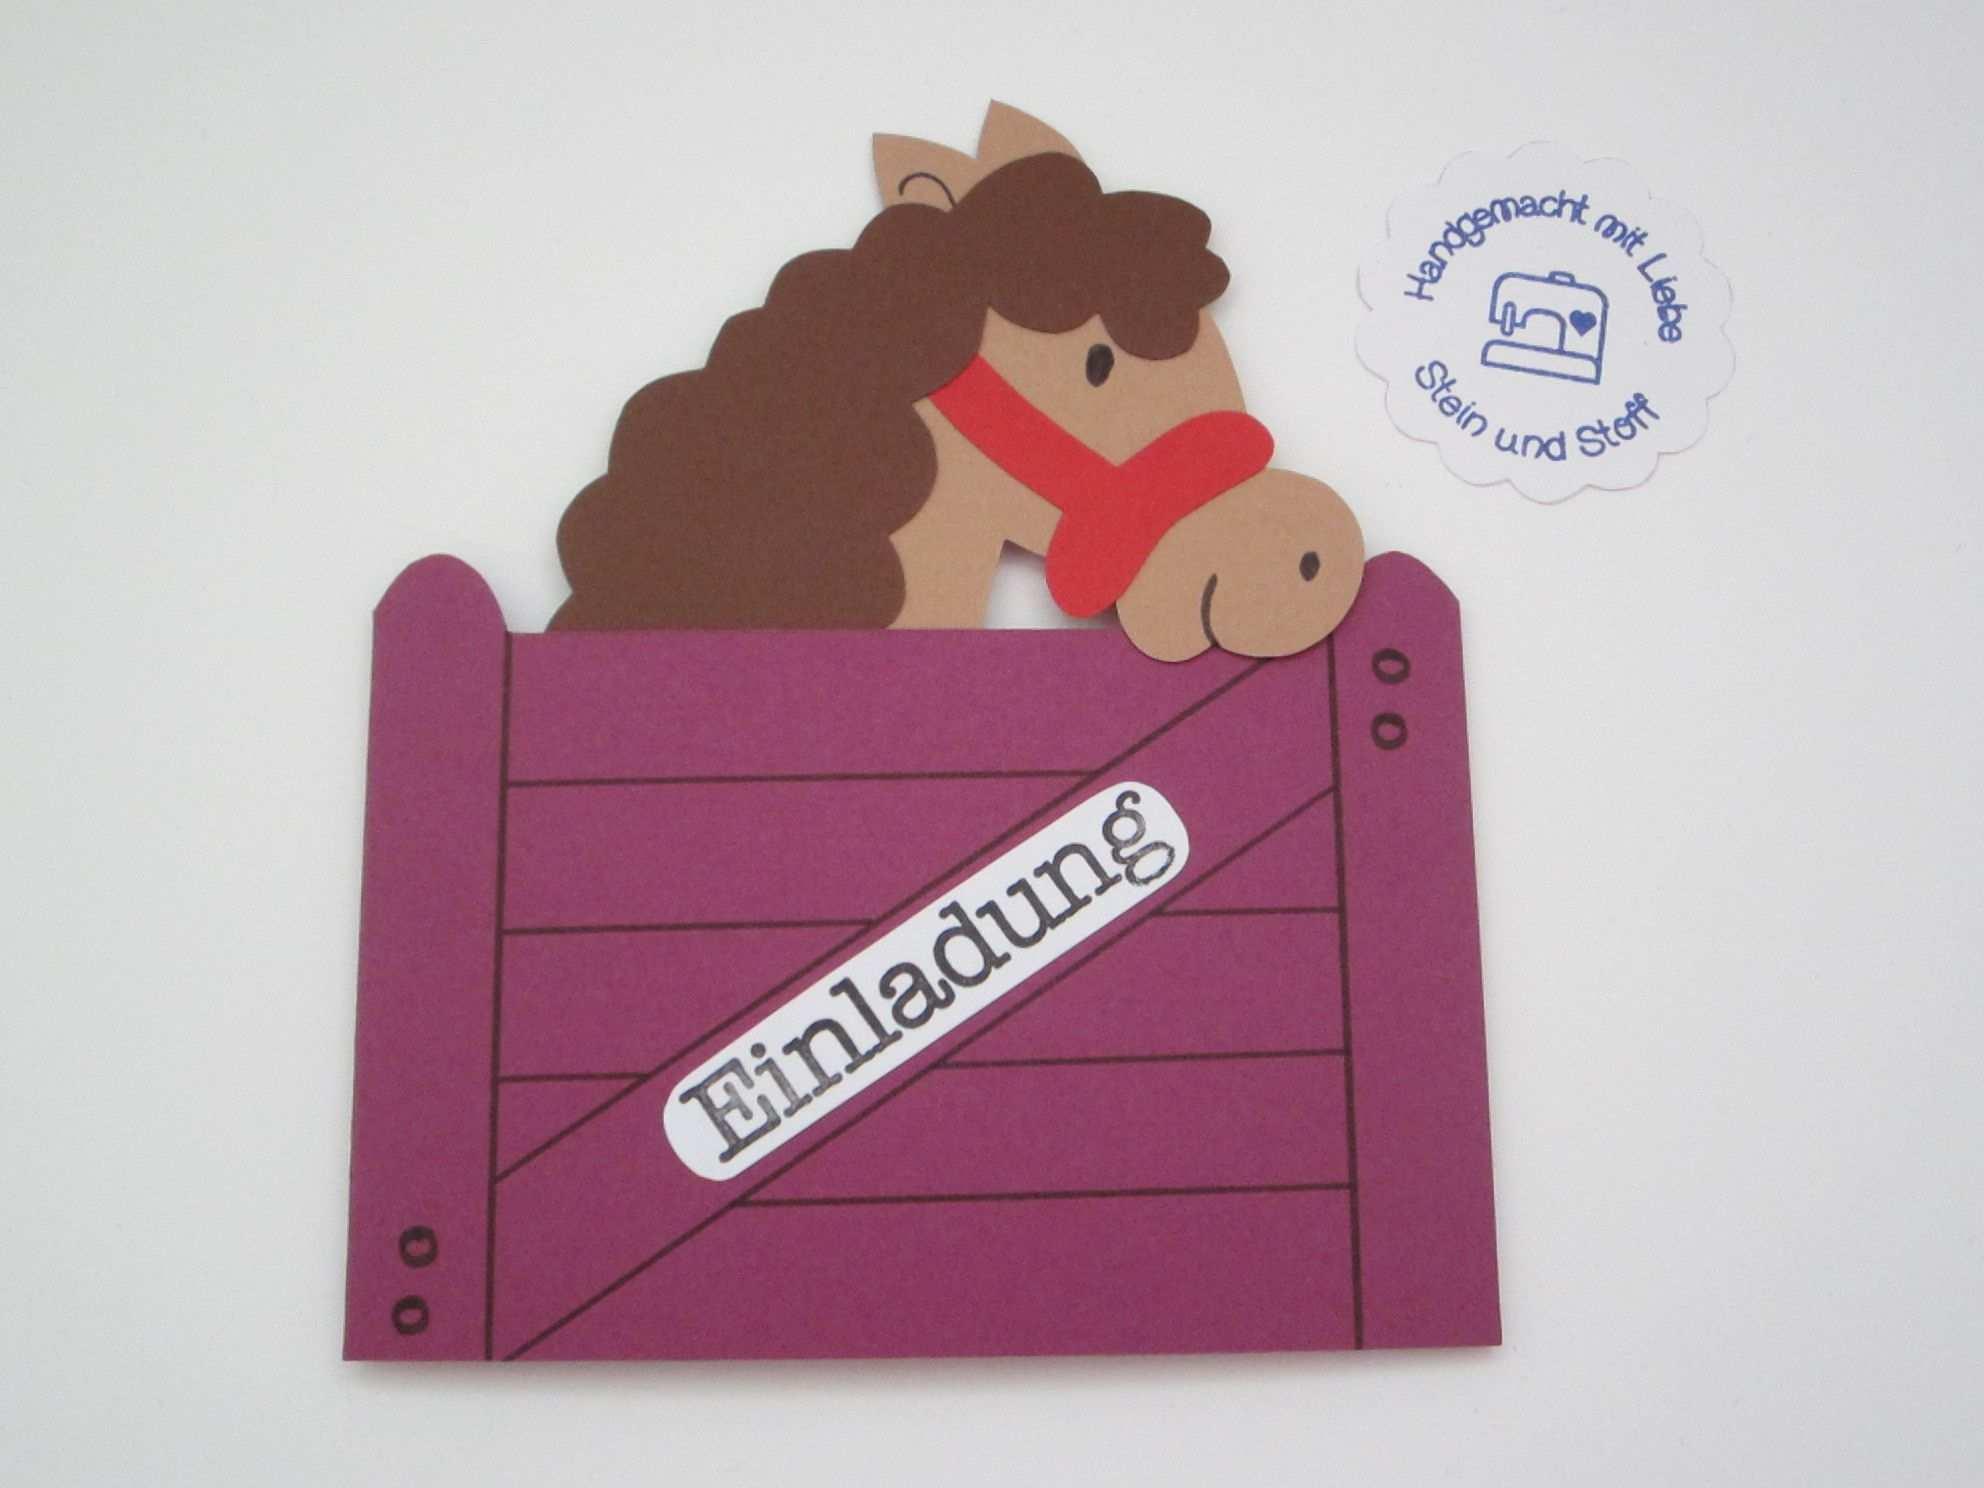 Einladung Kindergeburtstag Muffin Vorlage Luxury Einladung Kindergeburtstag Pferde Kostenlos Einladung Kindergeburtstag Basteln Pferd Einladung Kindergeburtstag Basteln Einladung Kindergeburtstag